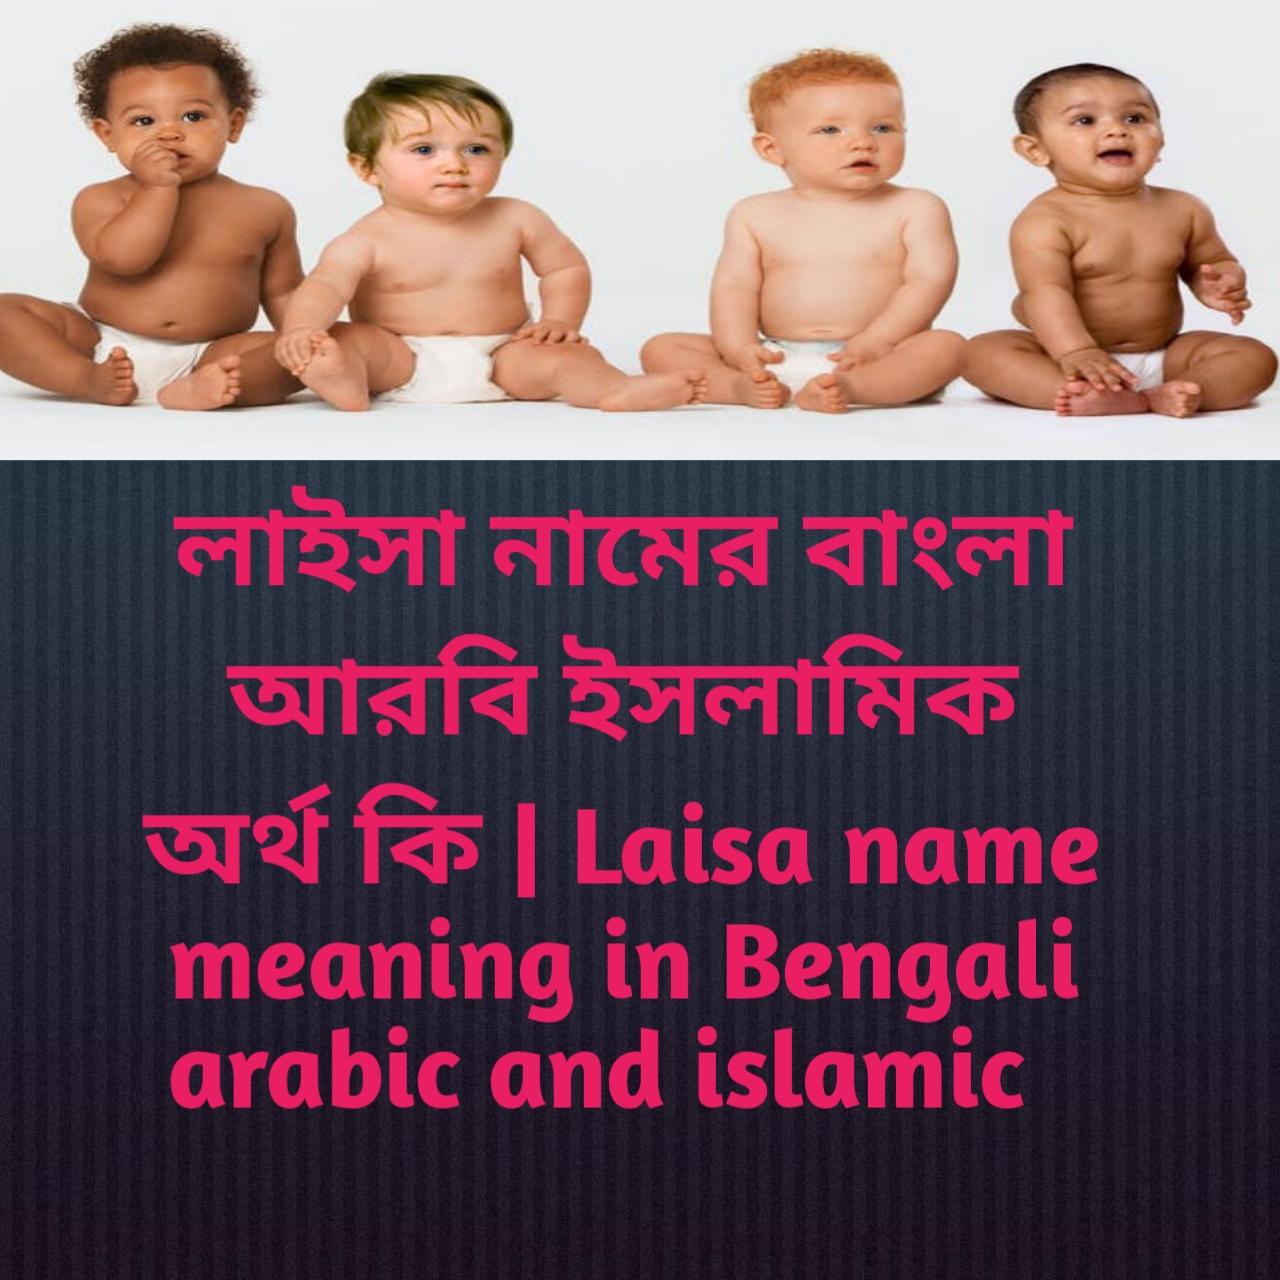 লাইসা নামের অর্থ কি, লাইসা নামের বাংলা অর্থ কি, লাইসা নামের ইসলামিক অর্থ কি, Laisa name meaning in Bengali, লাইসা কি ইসলামিক নাম,